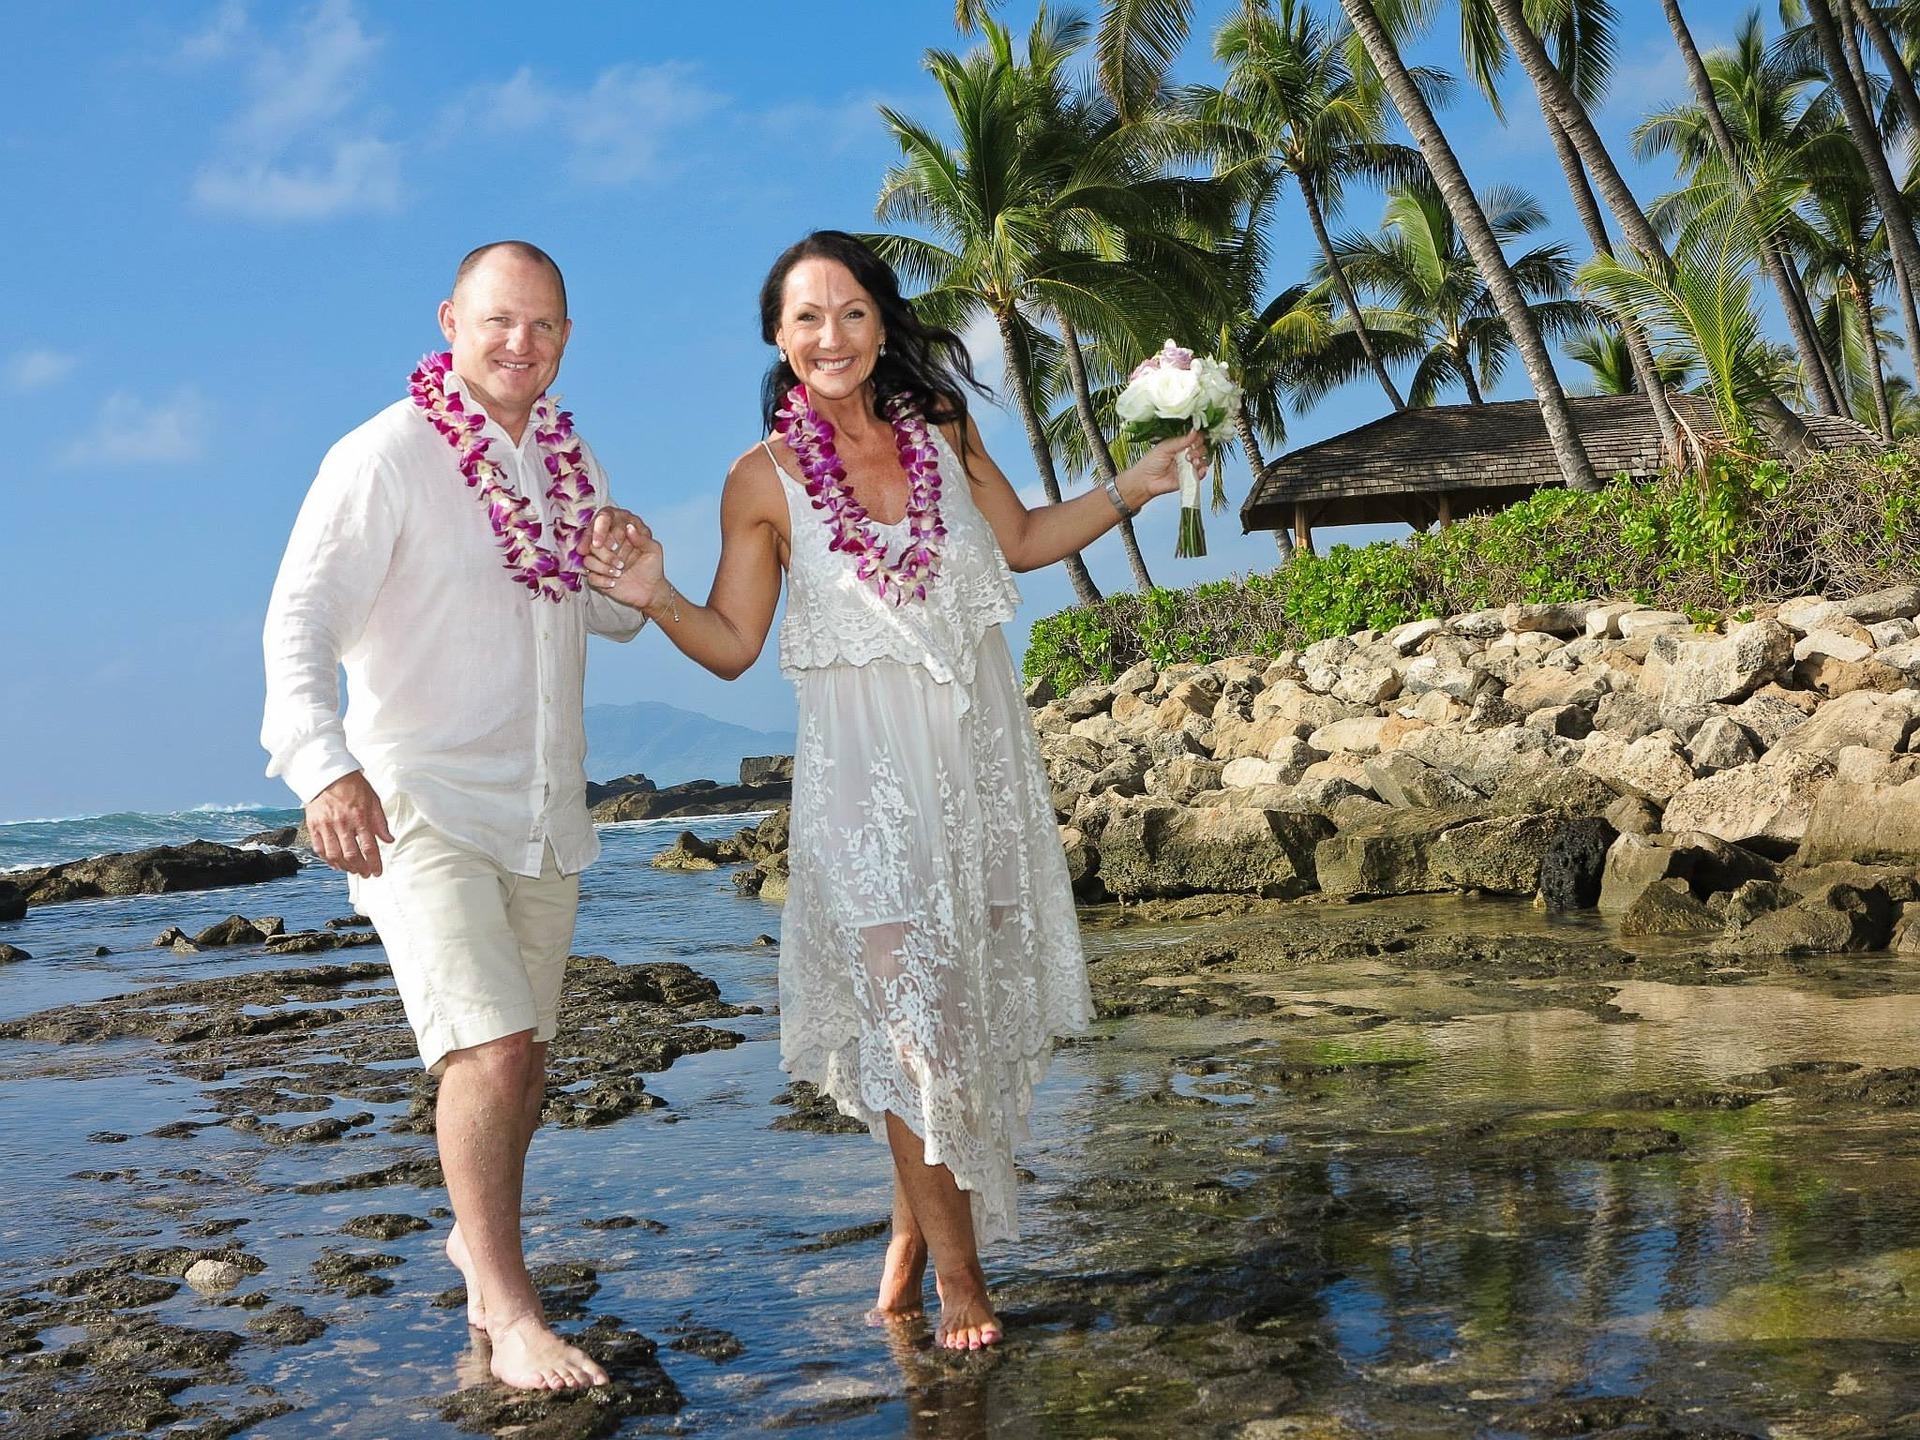 ハワイの新婚シニアカップル